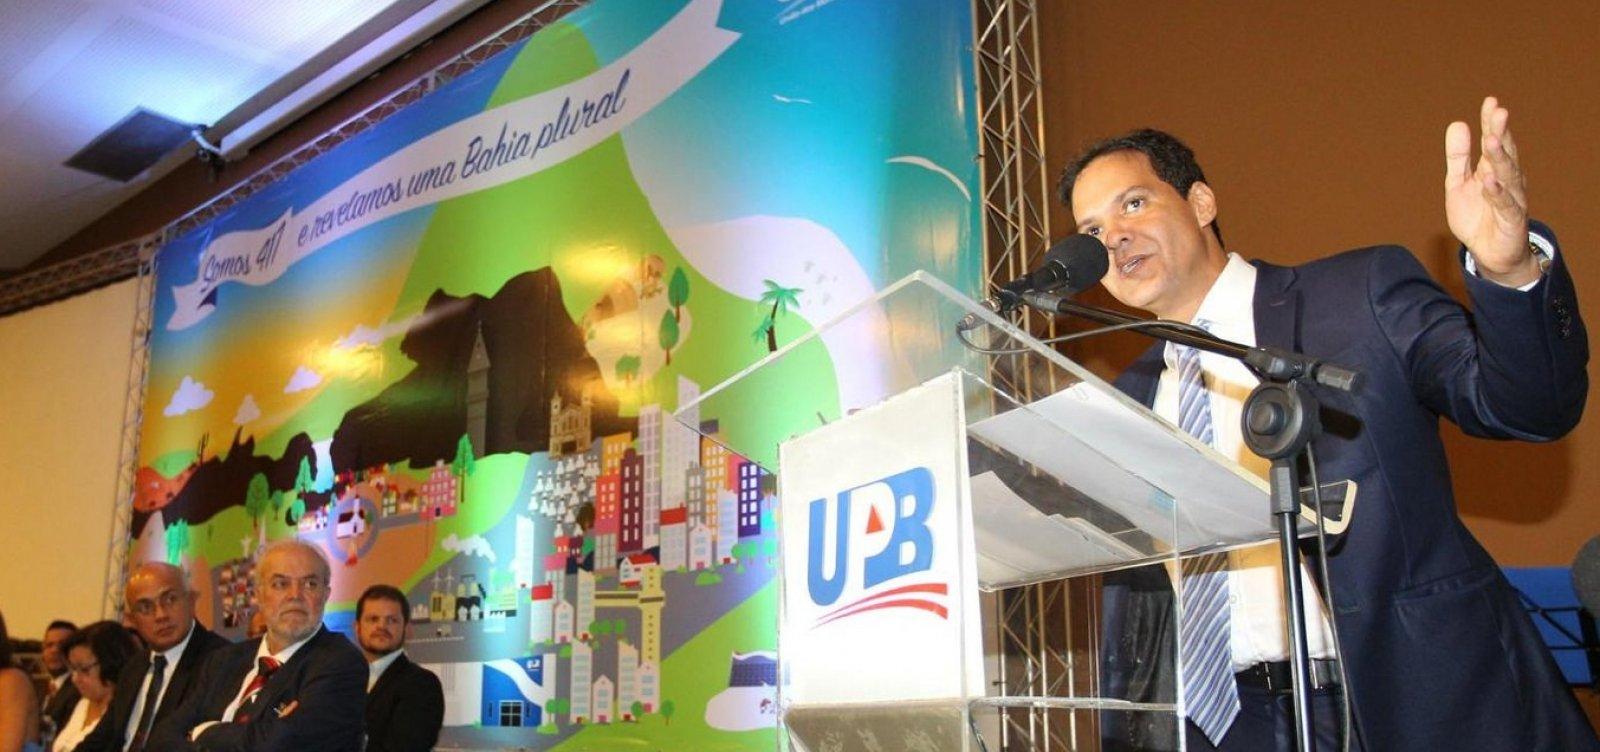 Eures diz que decide na próxima semana se será candidato à reeleição na UPB